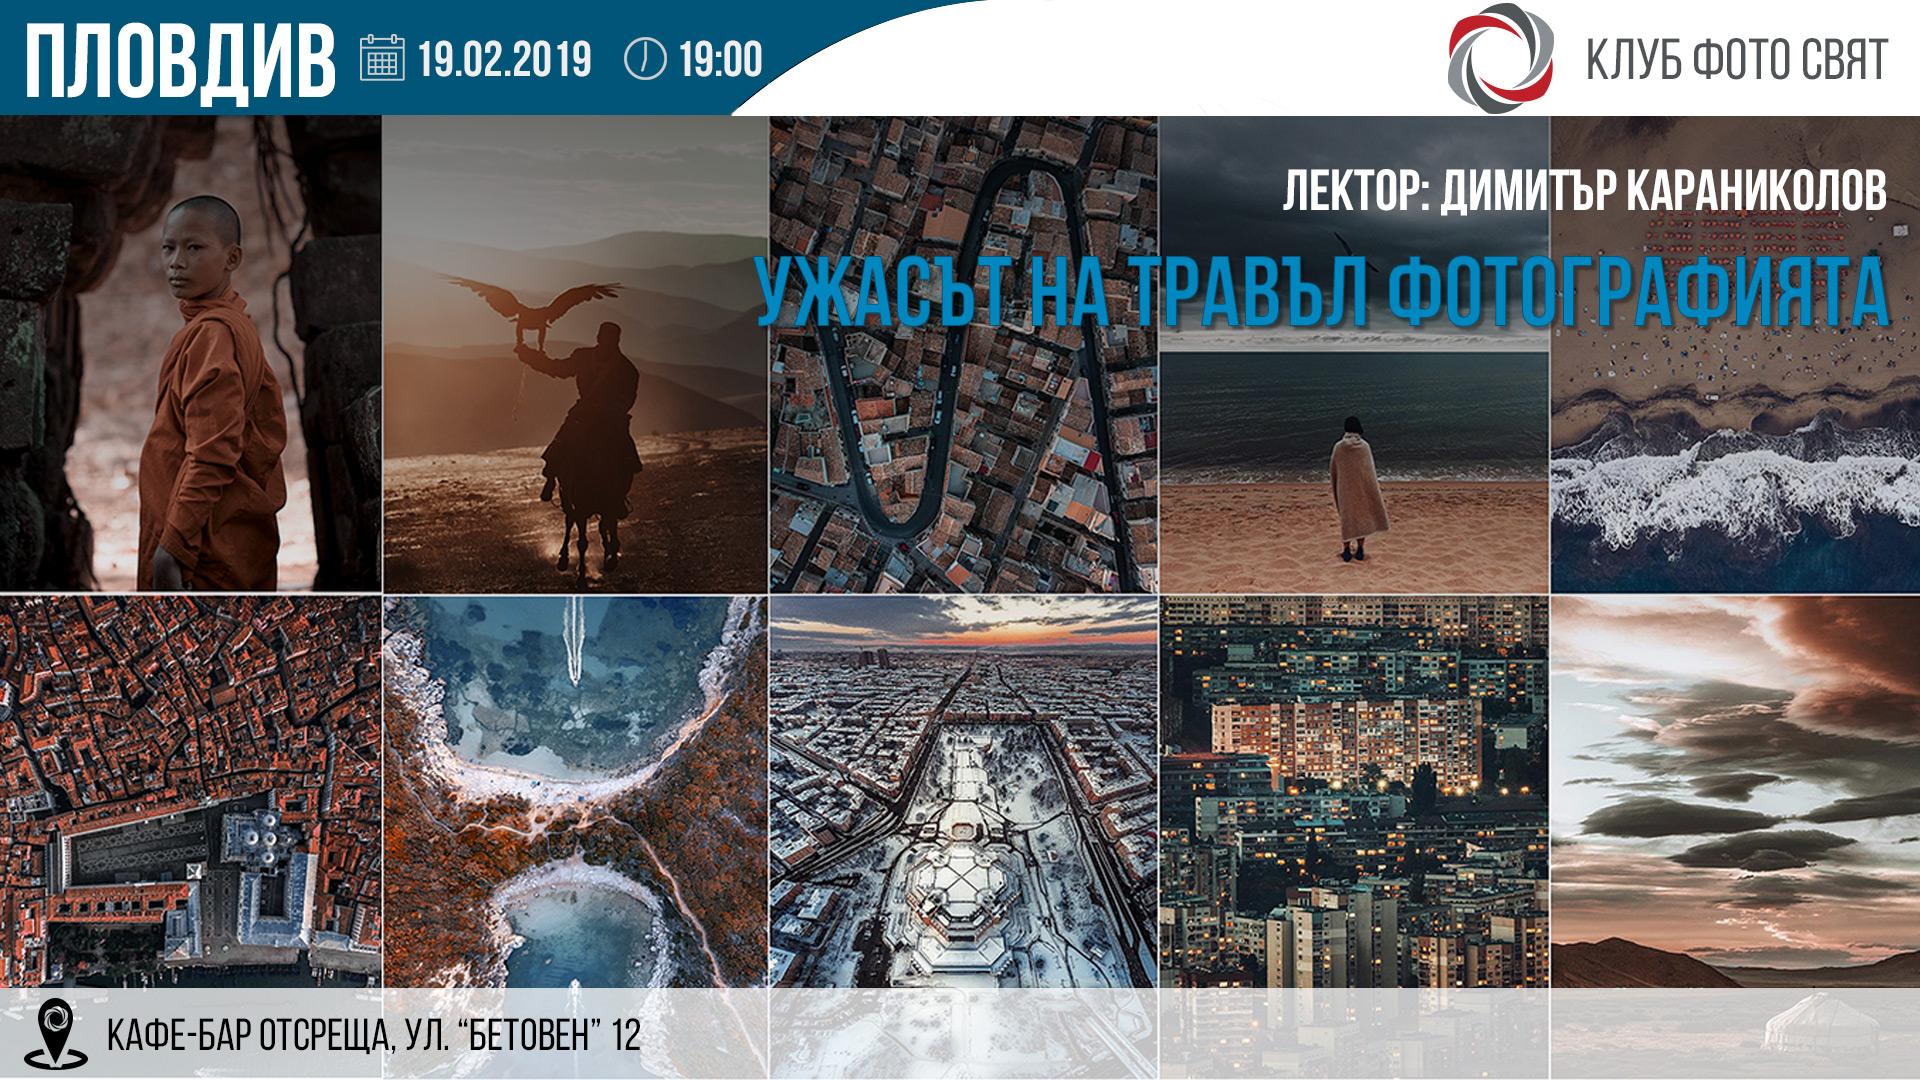 Ужасът на Травъл фотографията с Димитър Караниколов | Пловдив